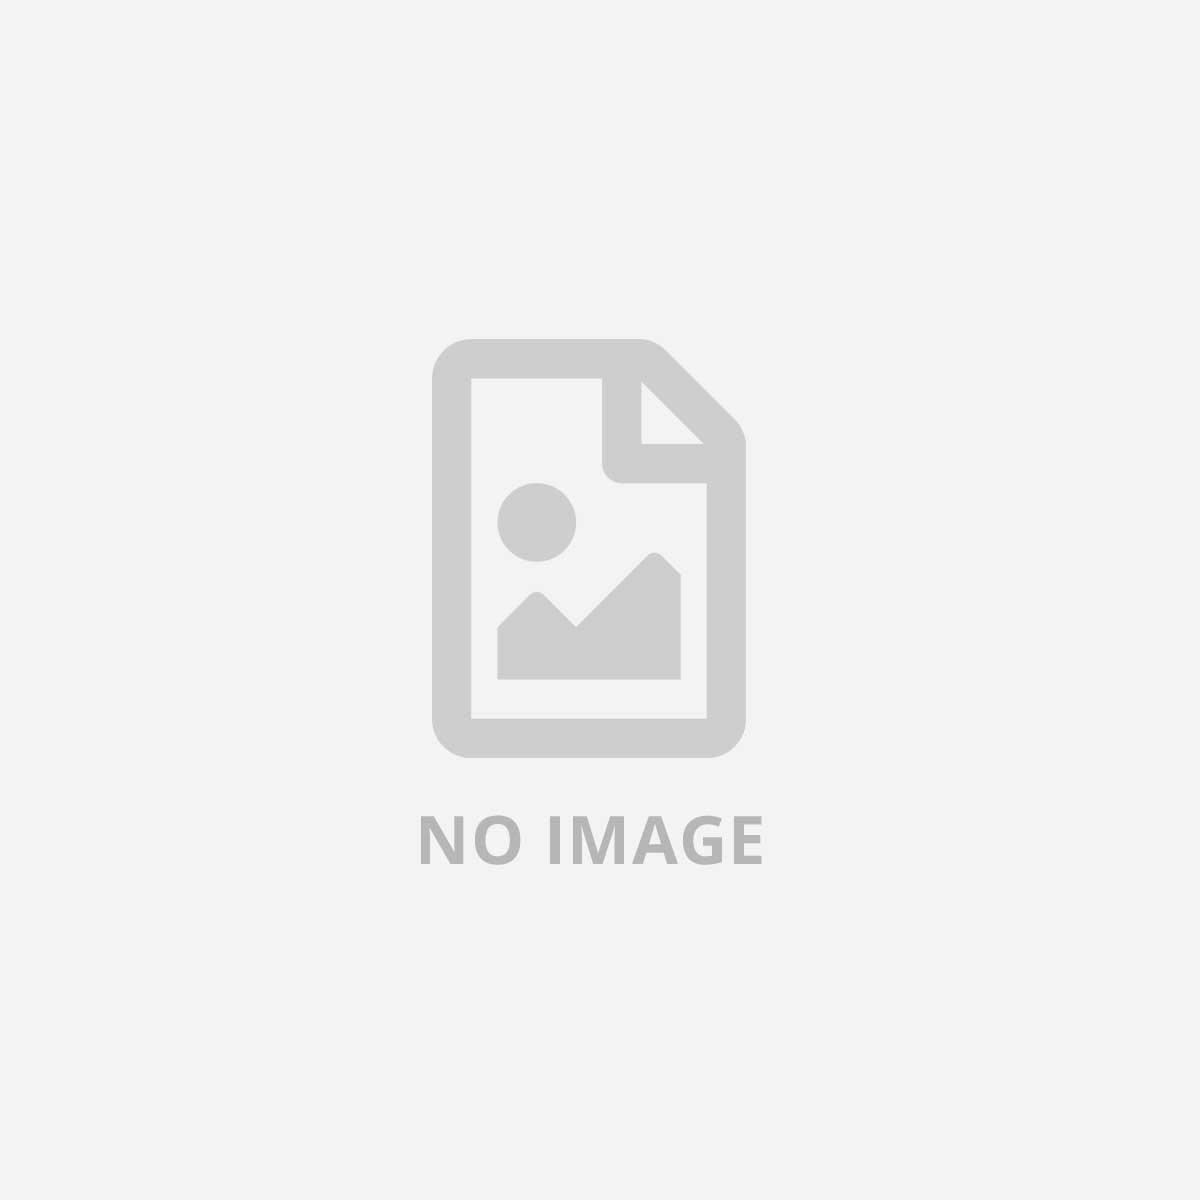 I-Tec ADVANCED 3 5  USB 3.0 ALUMINIUM